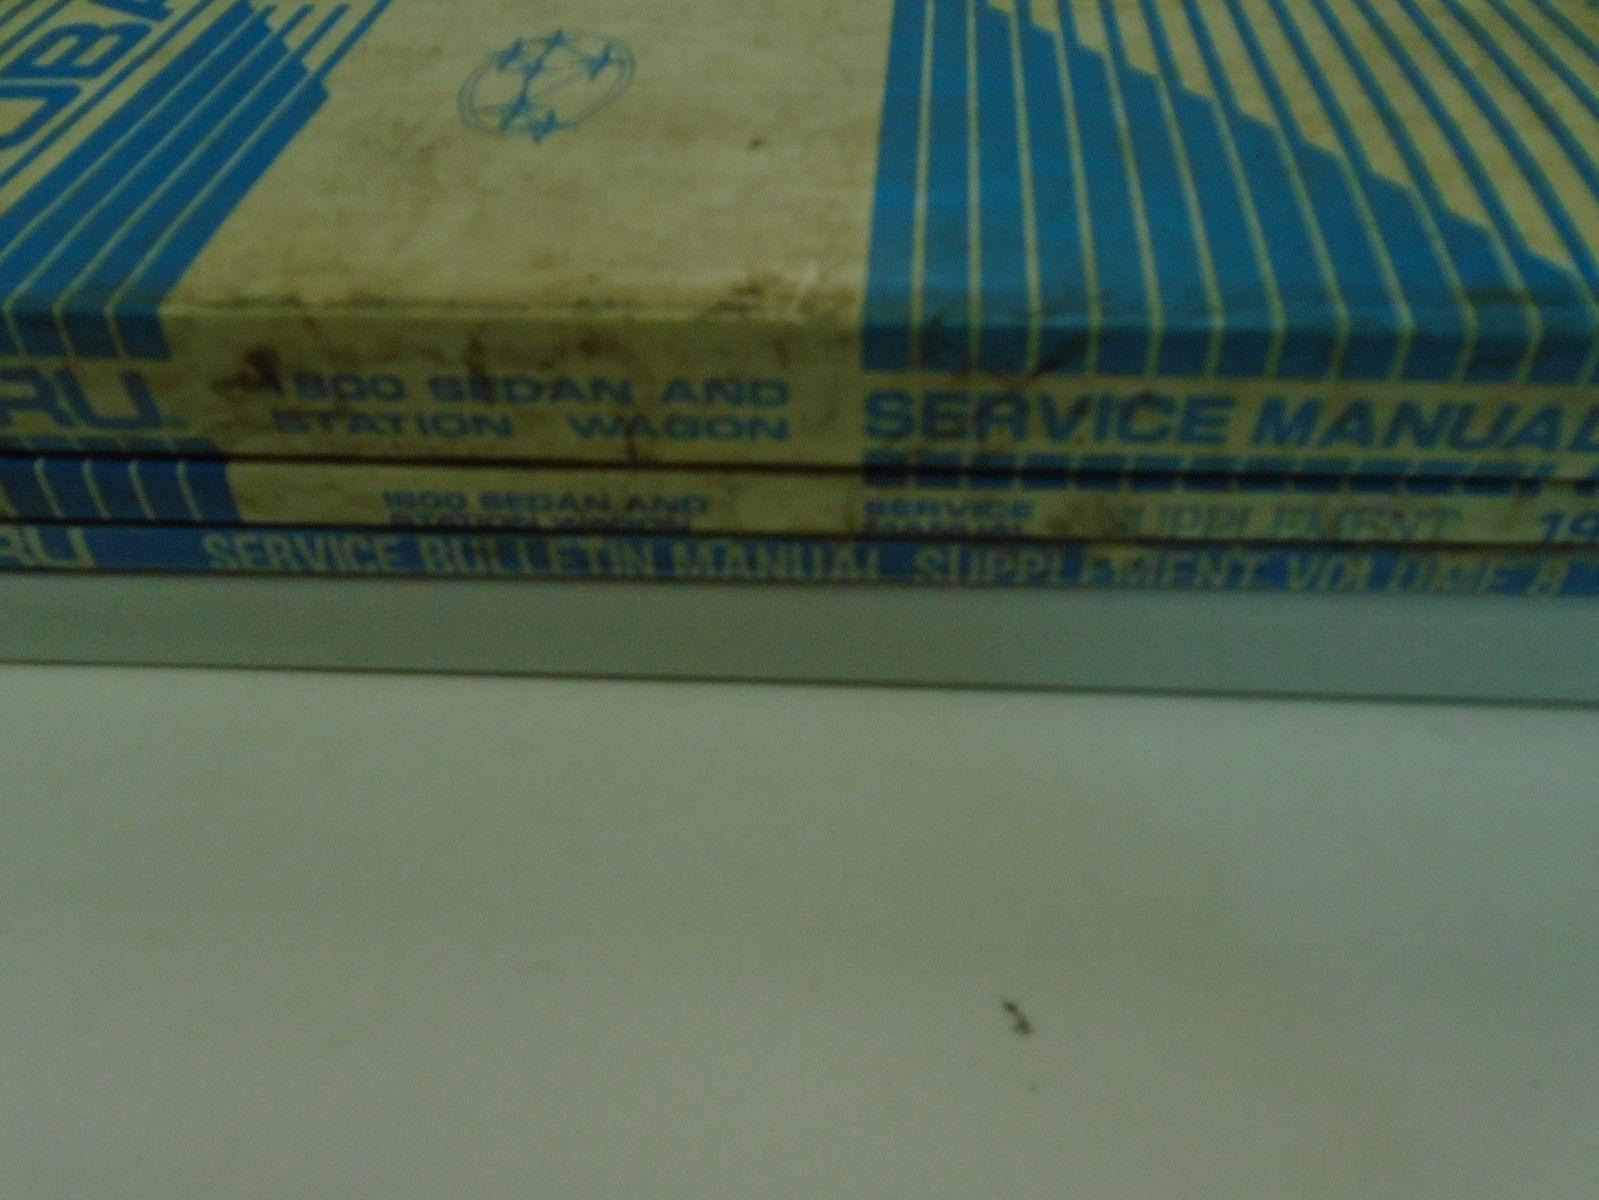 1985 Subaru 1800 Sedan Station Wagon Service Repair Manual Set Incomplete OEM